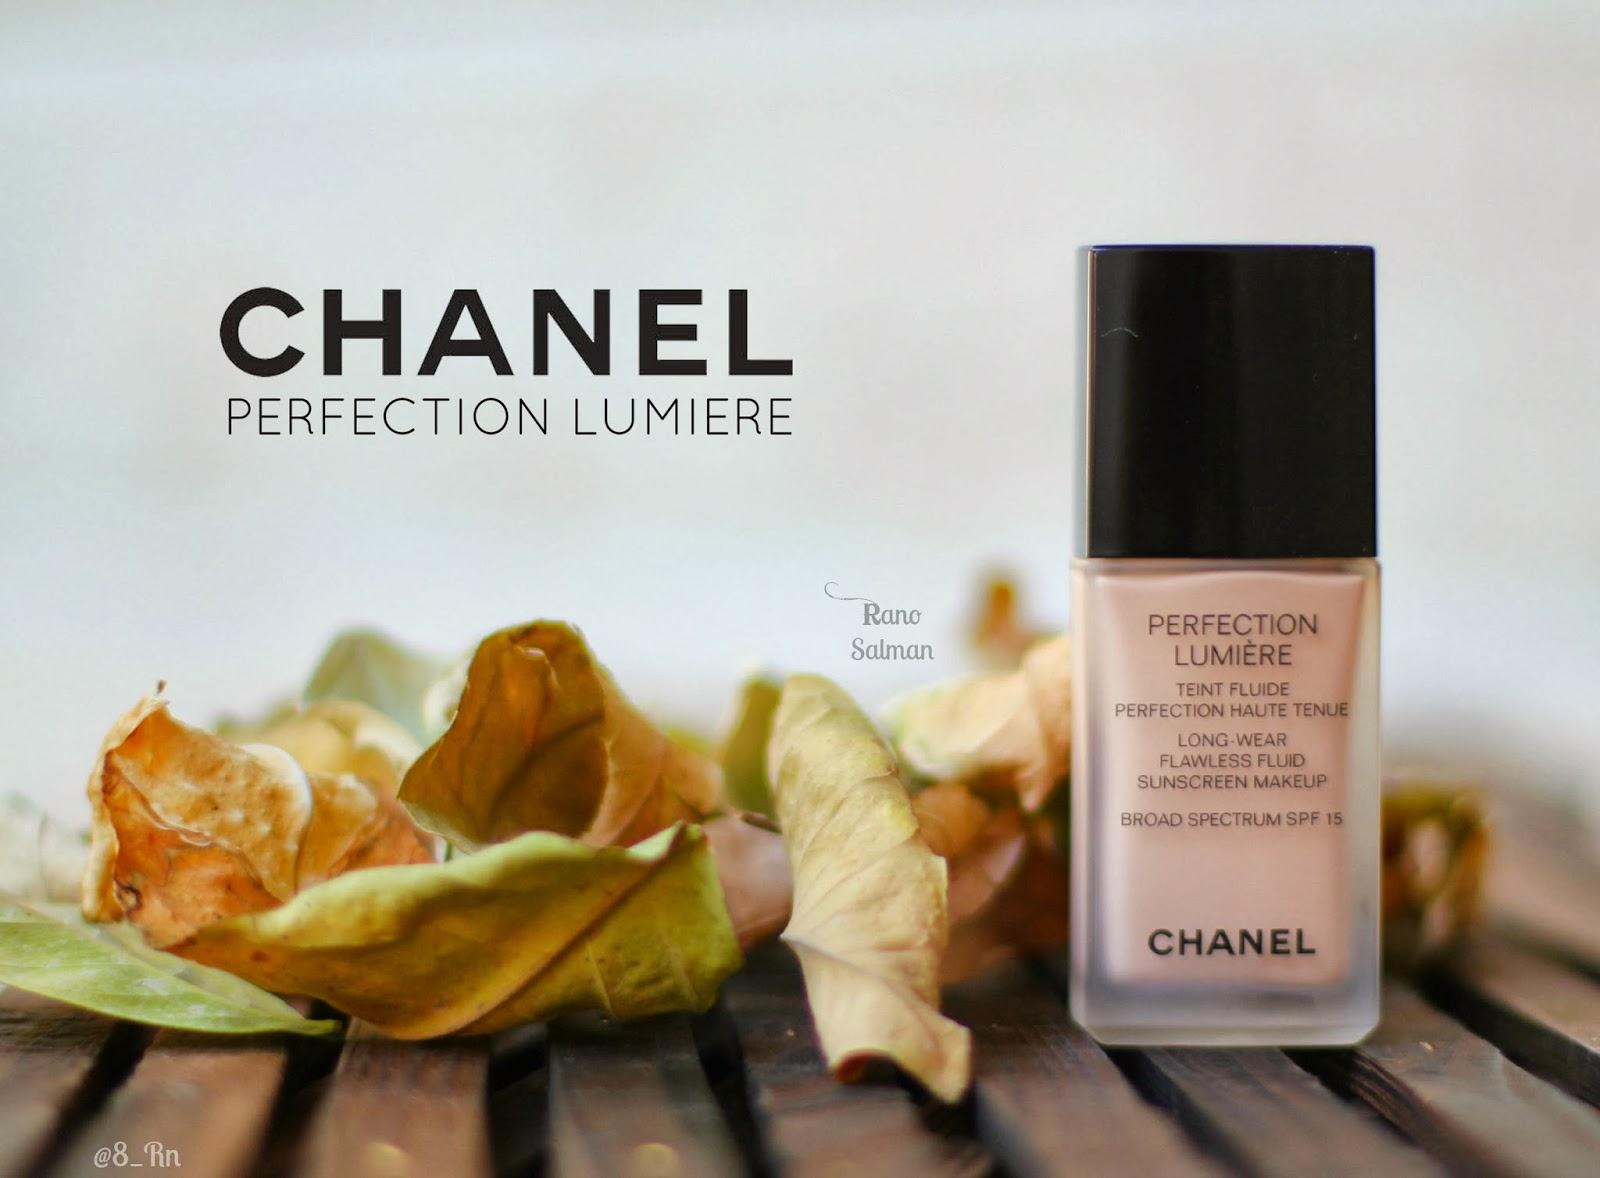 d0f8900de Chanel Perfection Lumiere Foundation , فاونديشن شانيل بيرفكشن لومير ...